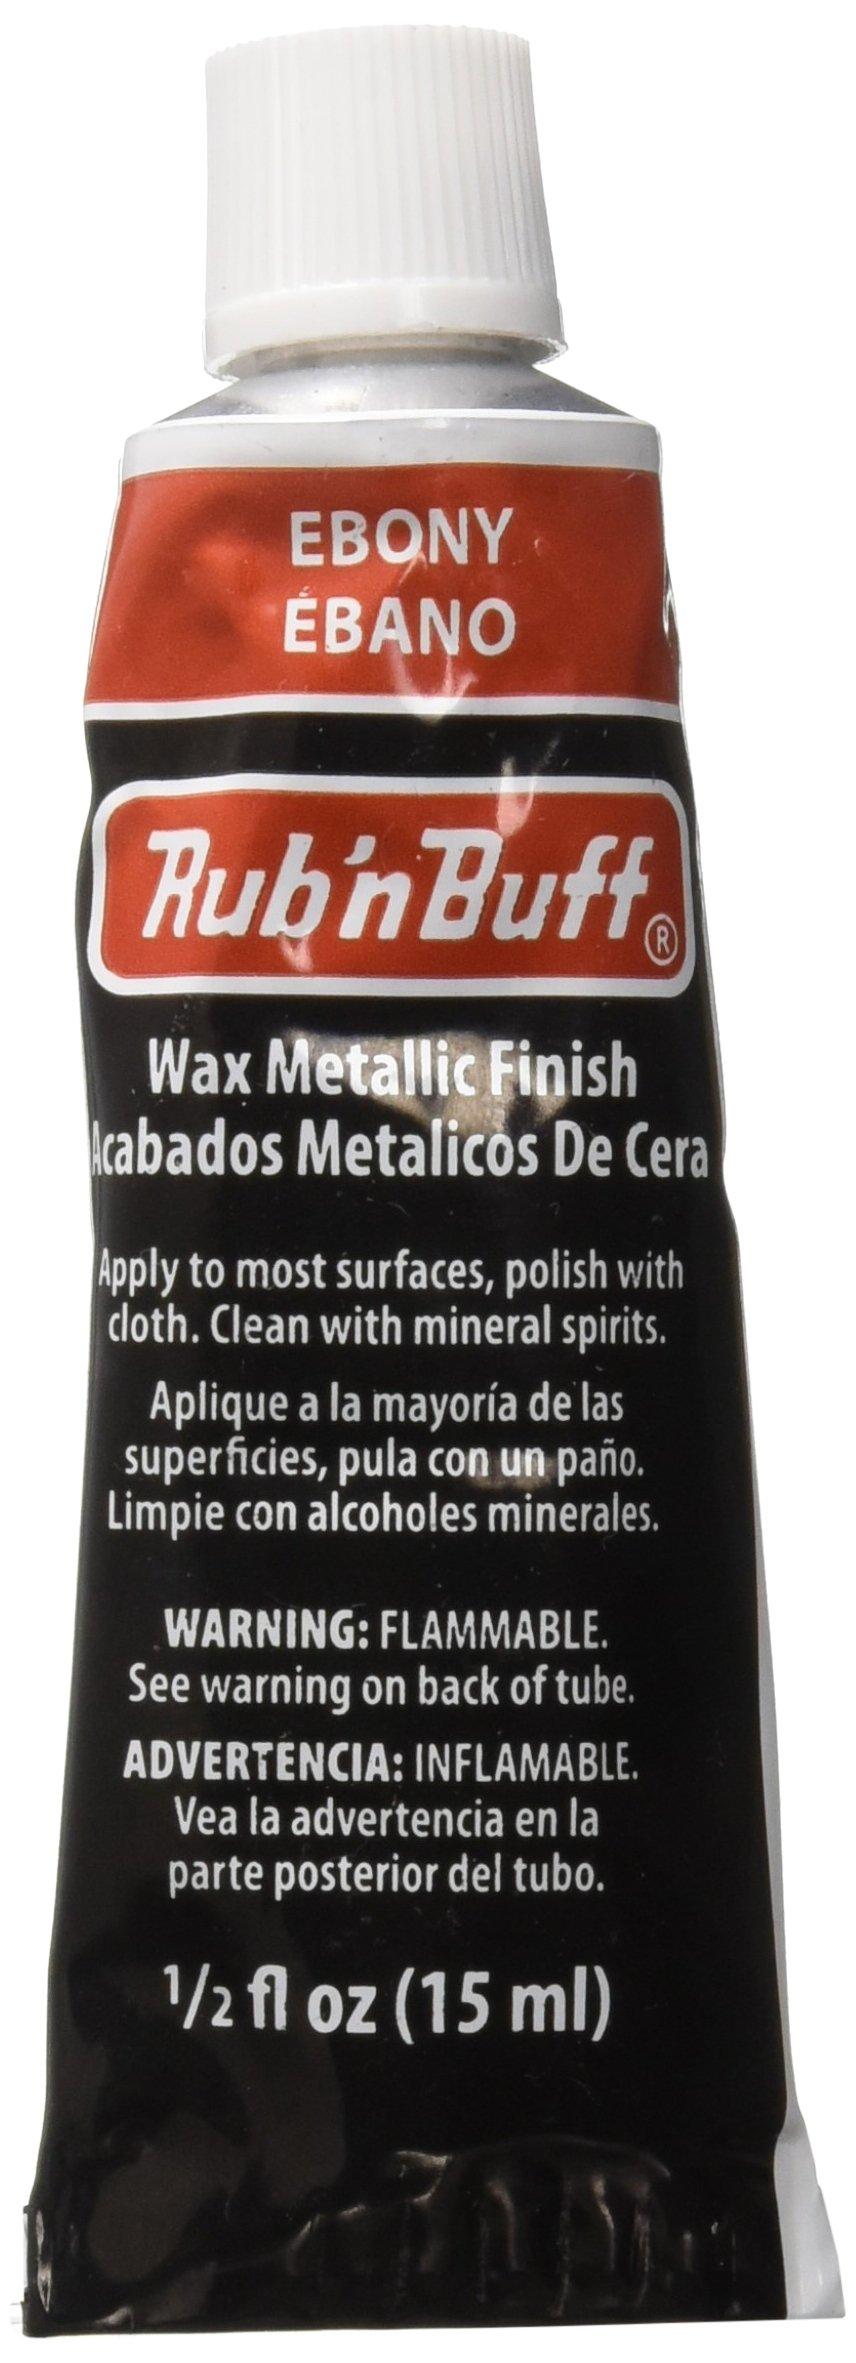 AMACO Rub 'n Buff Wax Metallic Finish, Ebony, 0.5-Fluid Ounce